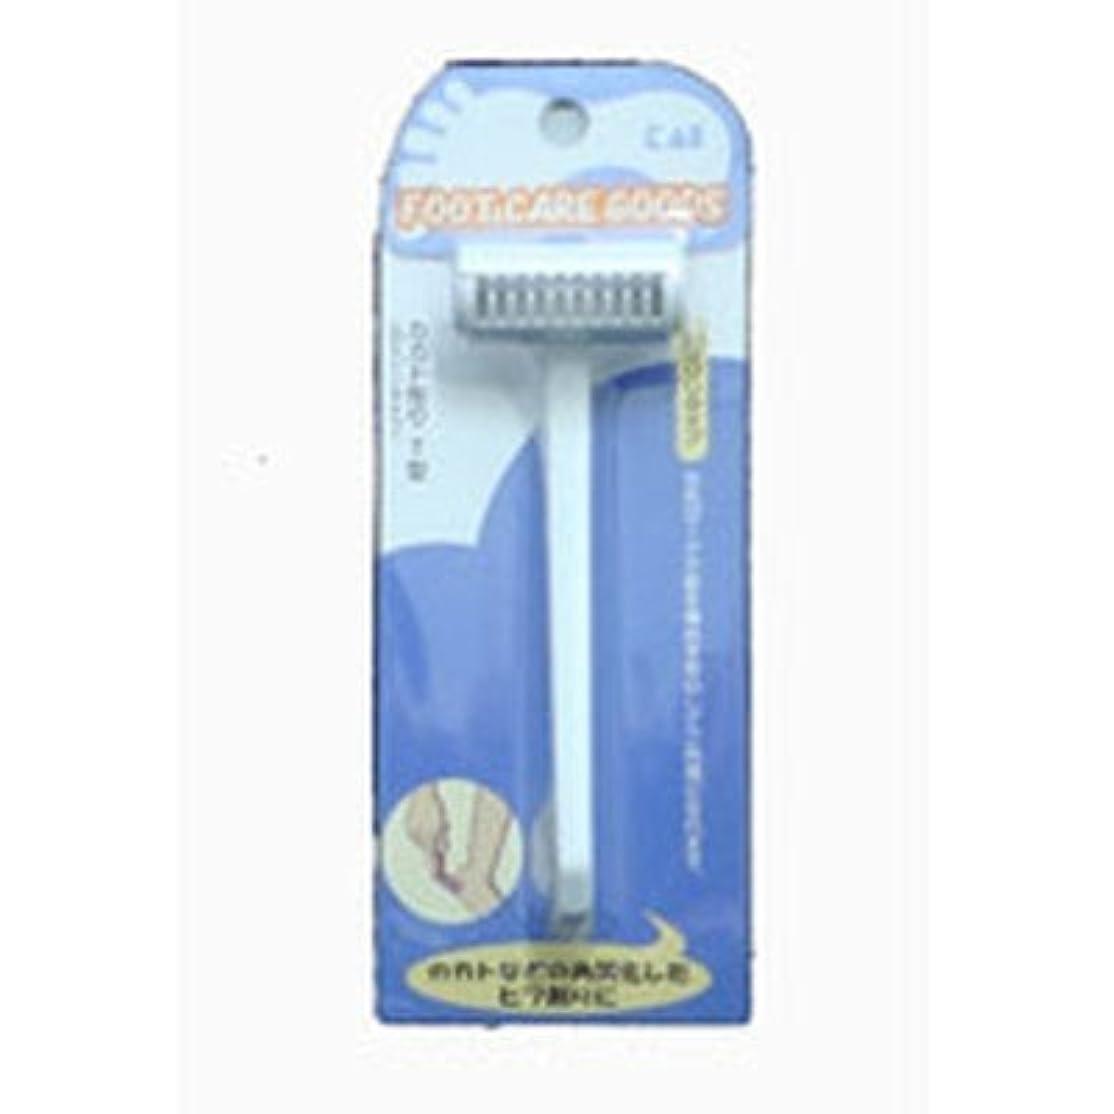 外向き床を掃除する口径貝印かかと削り T型 HB-1116 (カミソリタイプ)【10個パック】